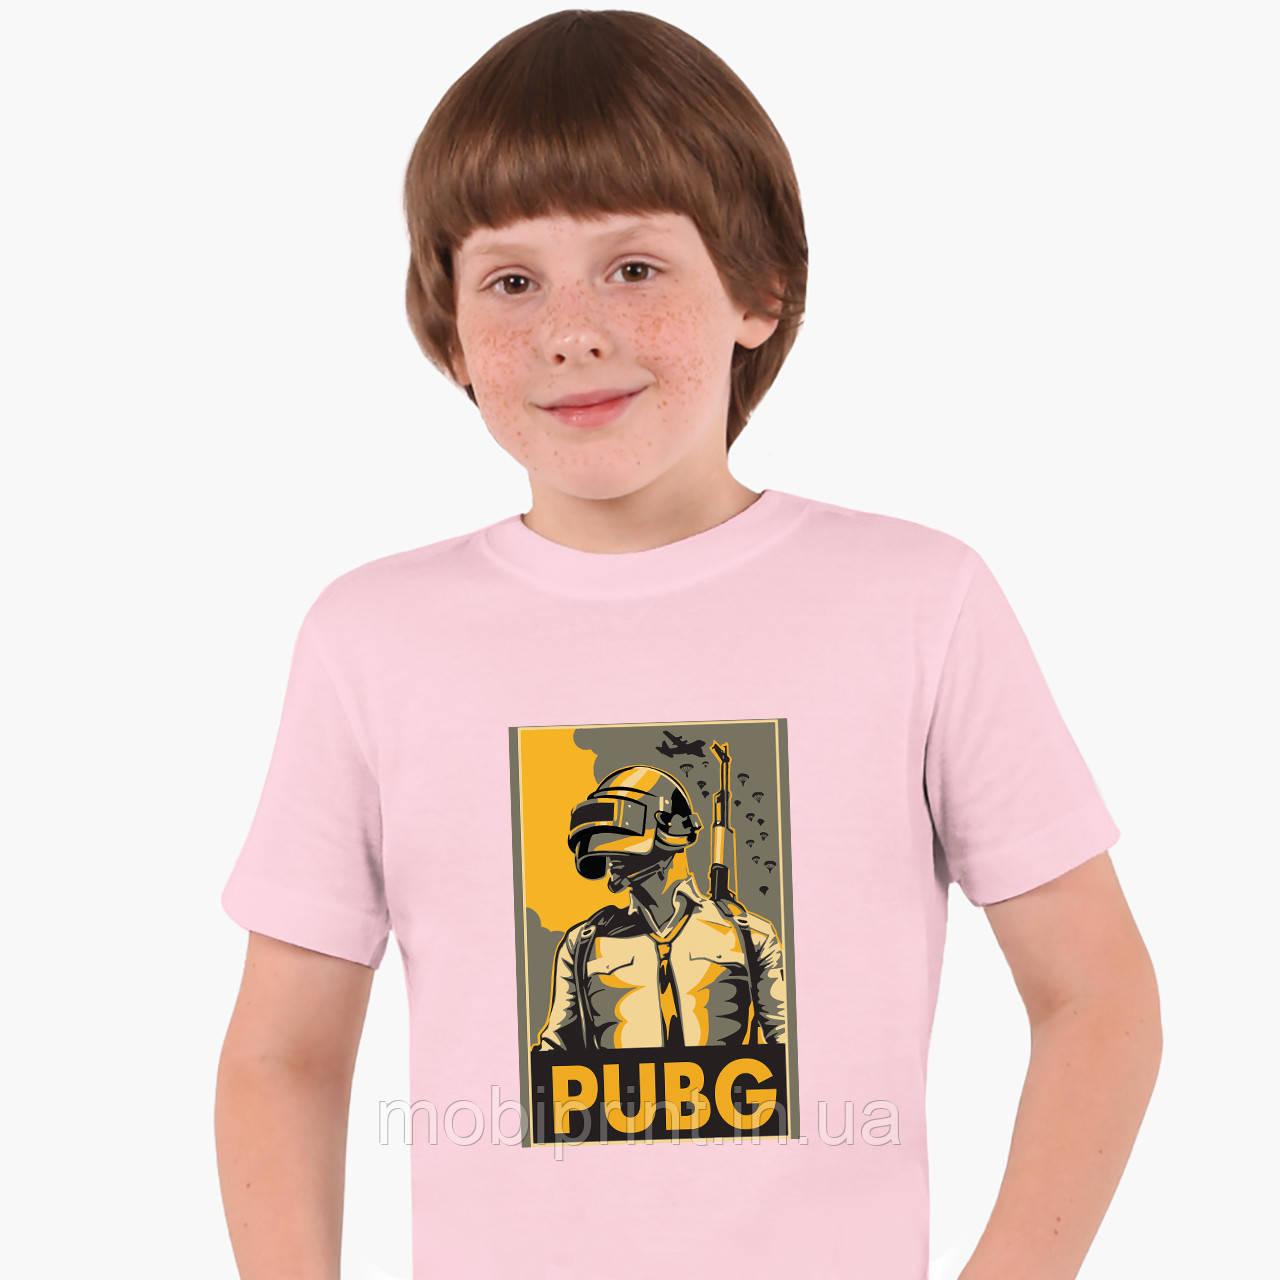 Детская футболка для мальчиков Пубг Пабг (Pubg) (25186-1181) Розовый